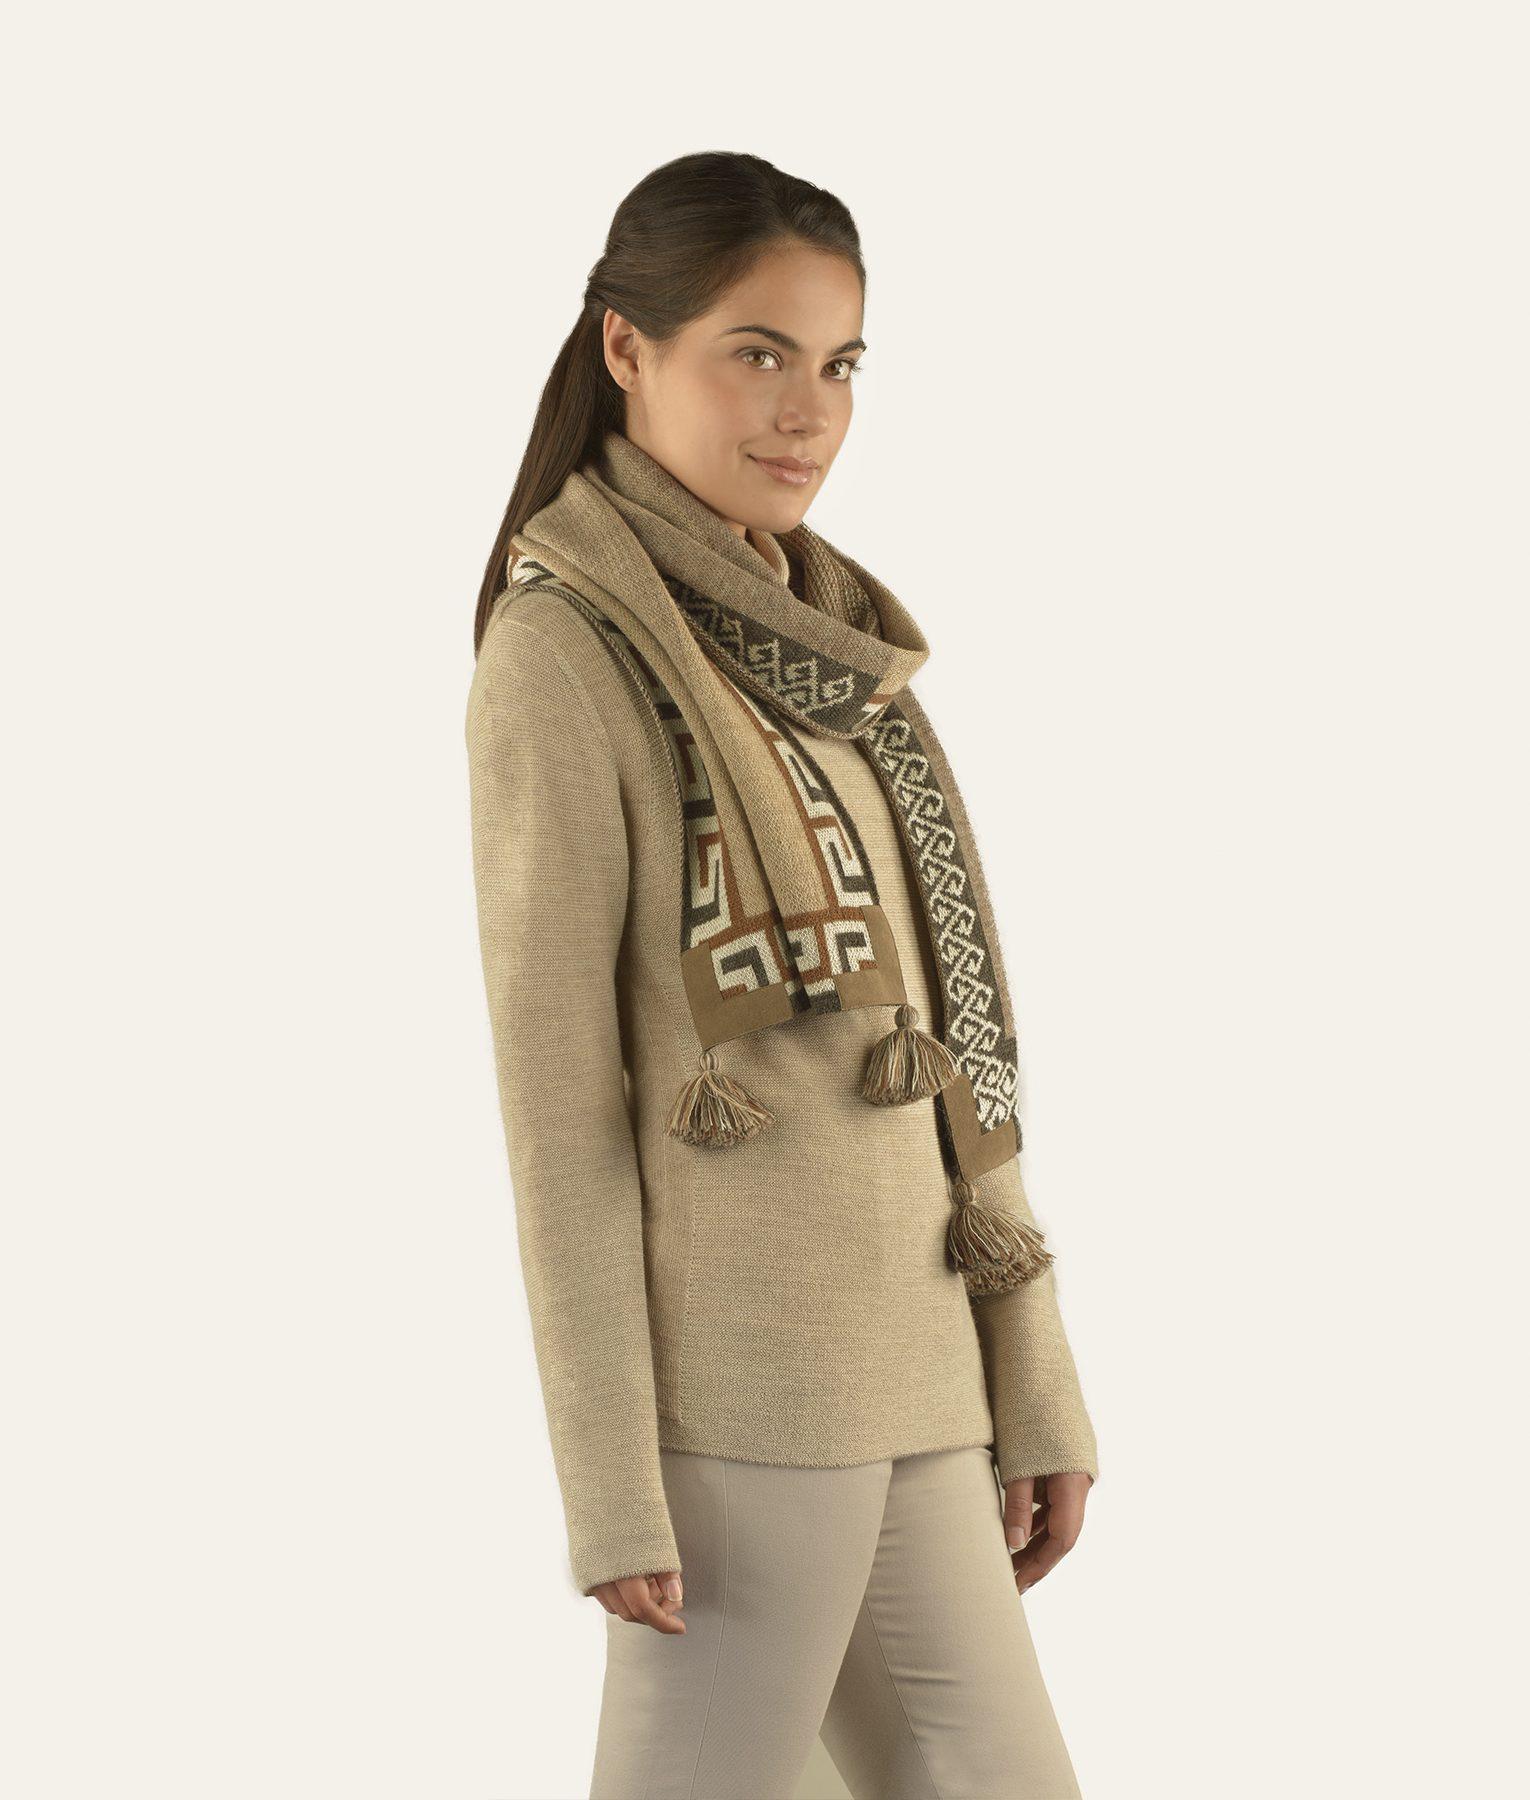 Écharpe MANTA en bébé alpaga - écharpes, bonnets et pulls en alpaga. Fine Alpaca, fine laine et coton du Pérou, vêtements en fibres naturelles.